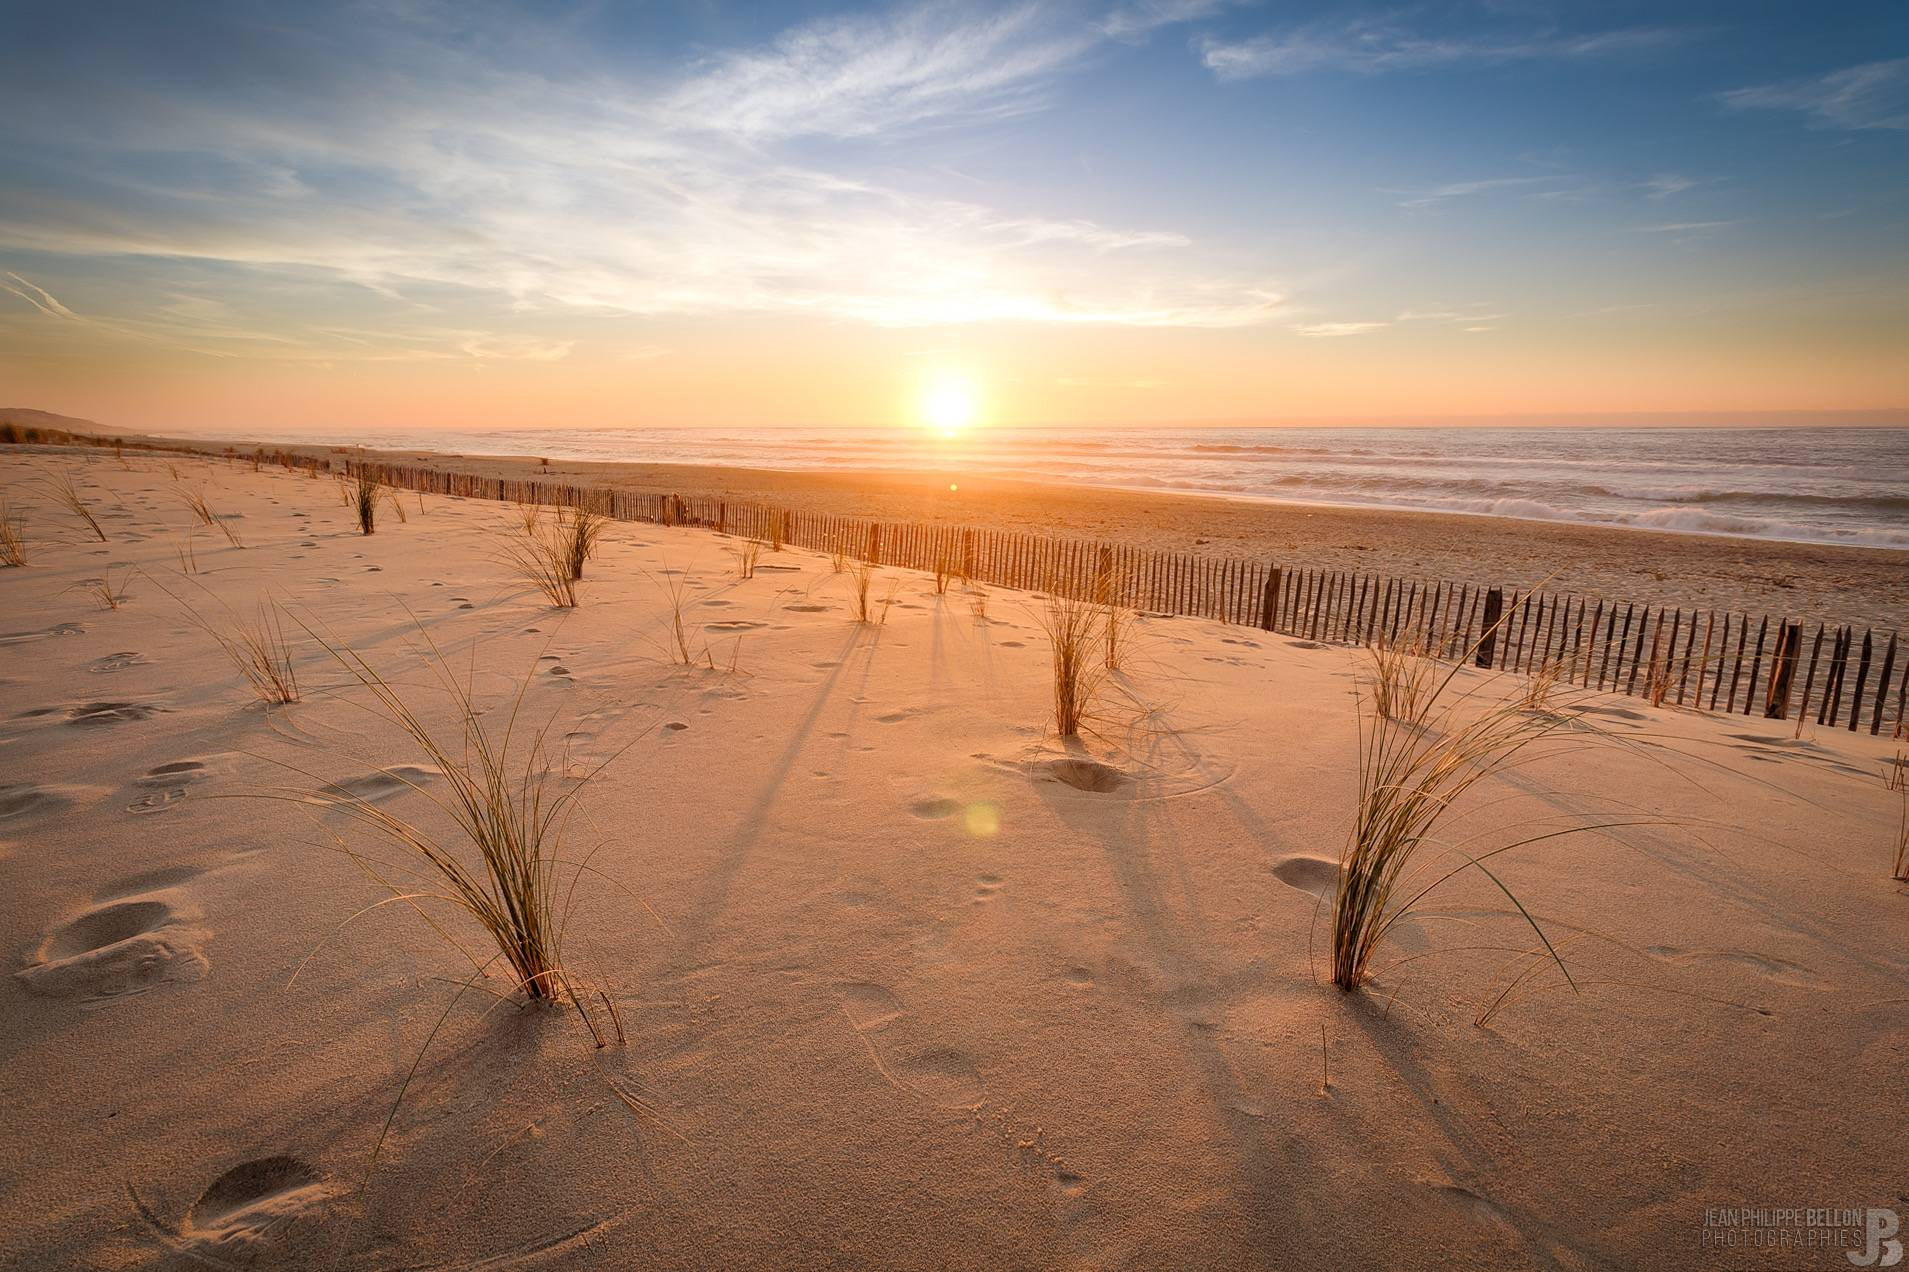 Coucher de soleil sur la plage de la Lagune par Jean-Philippe Bellon